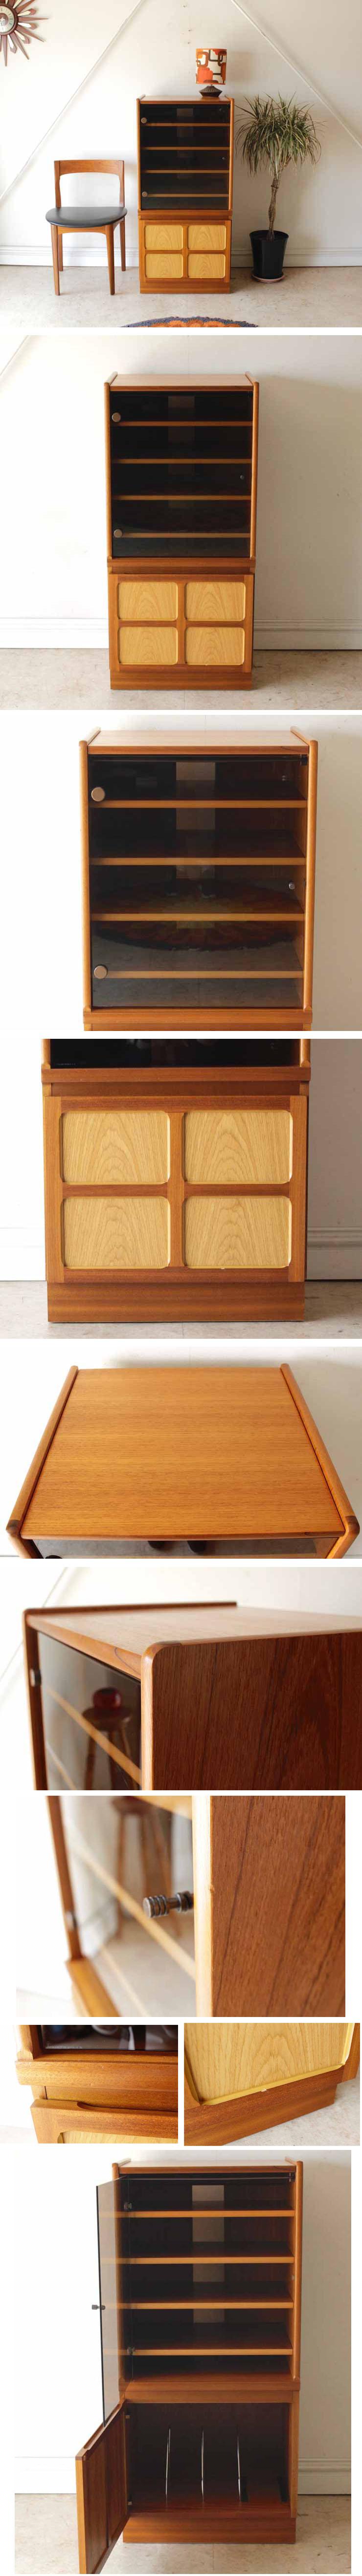 イギリス・NATHAN・ネイサン・キャビネット・収納棚・ビンテージ・アンティーク家具・北欧